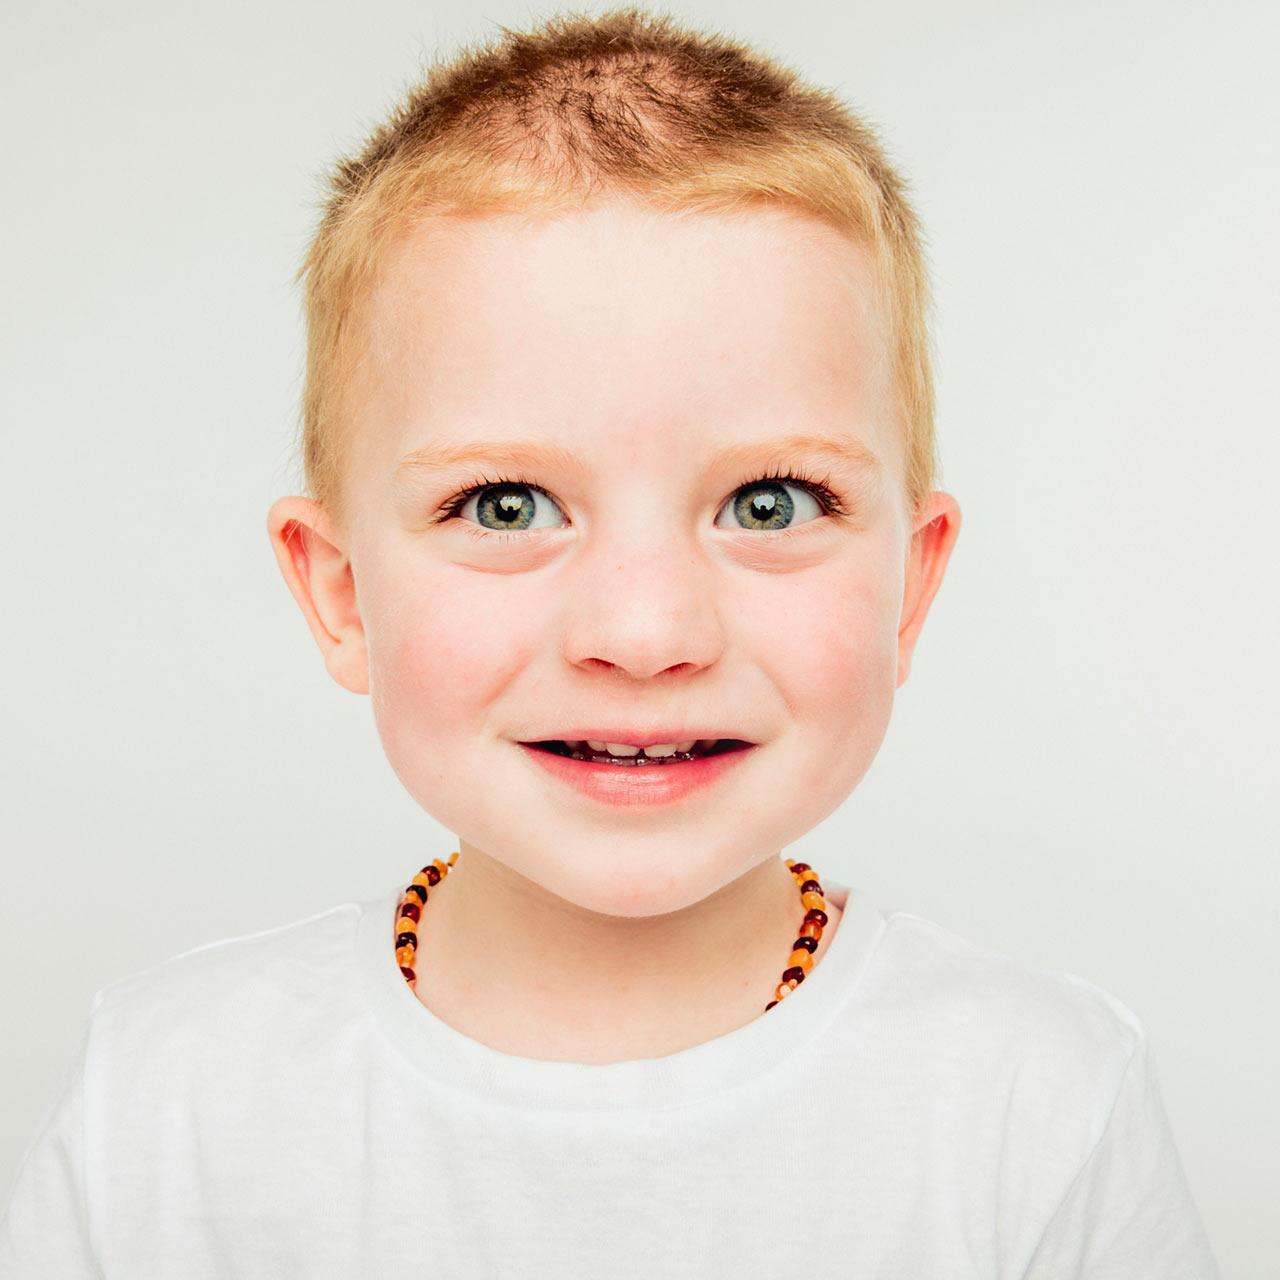 Southern WA child photography